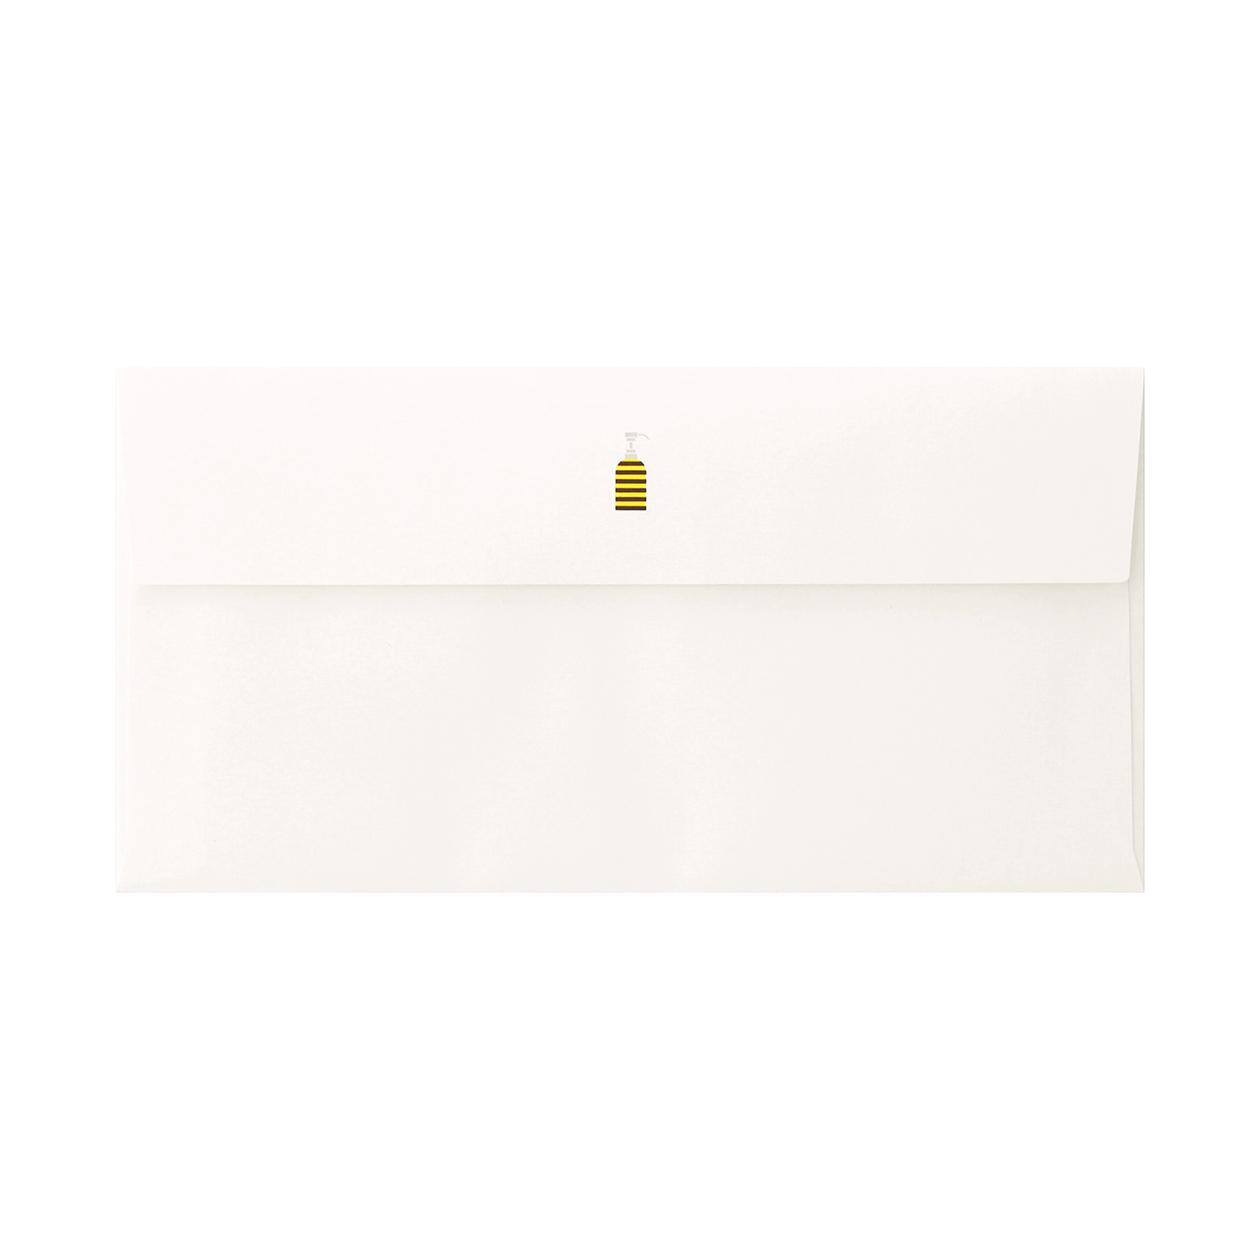 見本 00126 長3カマス封筒 コットン スノーホワイト 116.3g